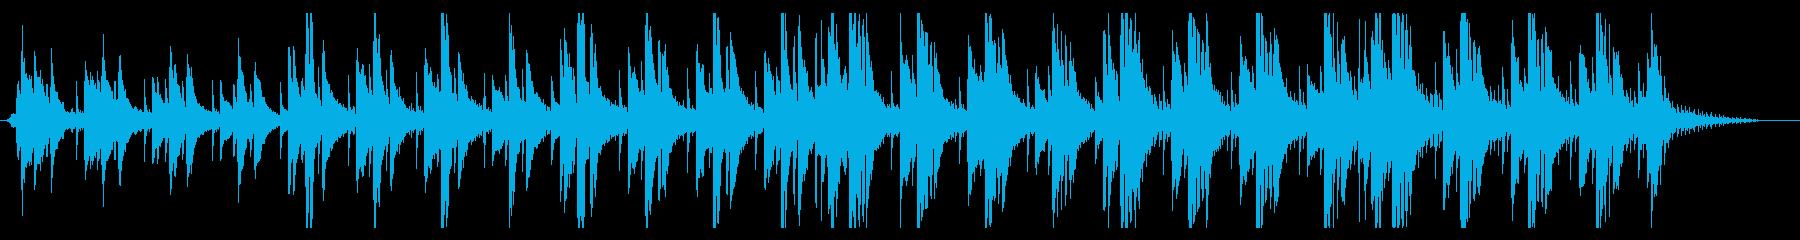 爽やかなスロービートのピアノ曲の再生済みの波形